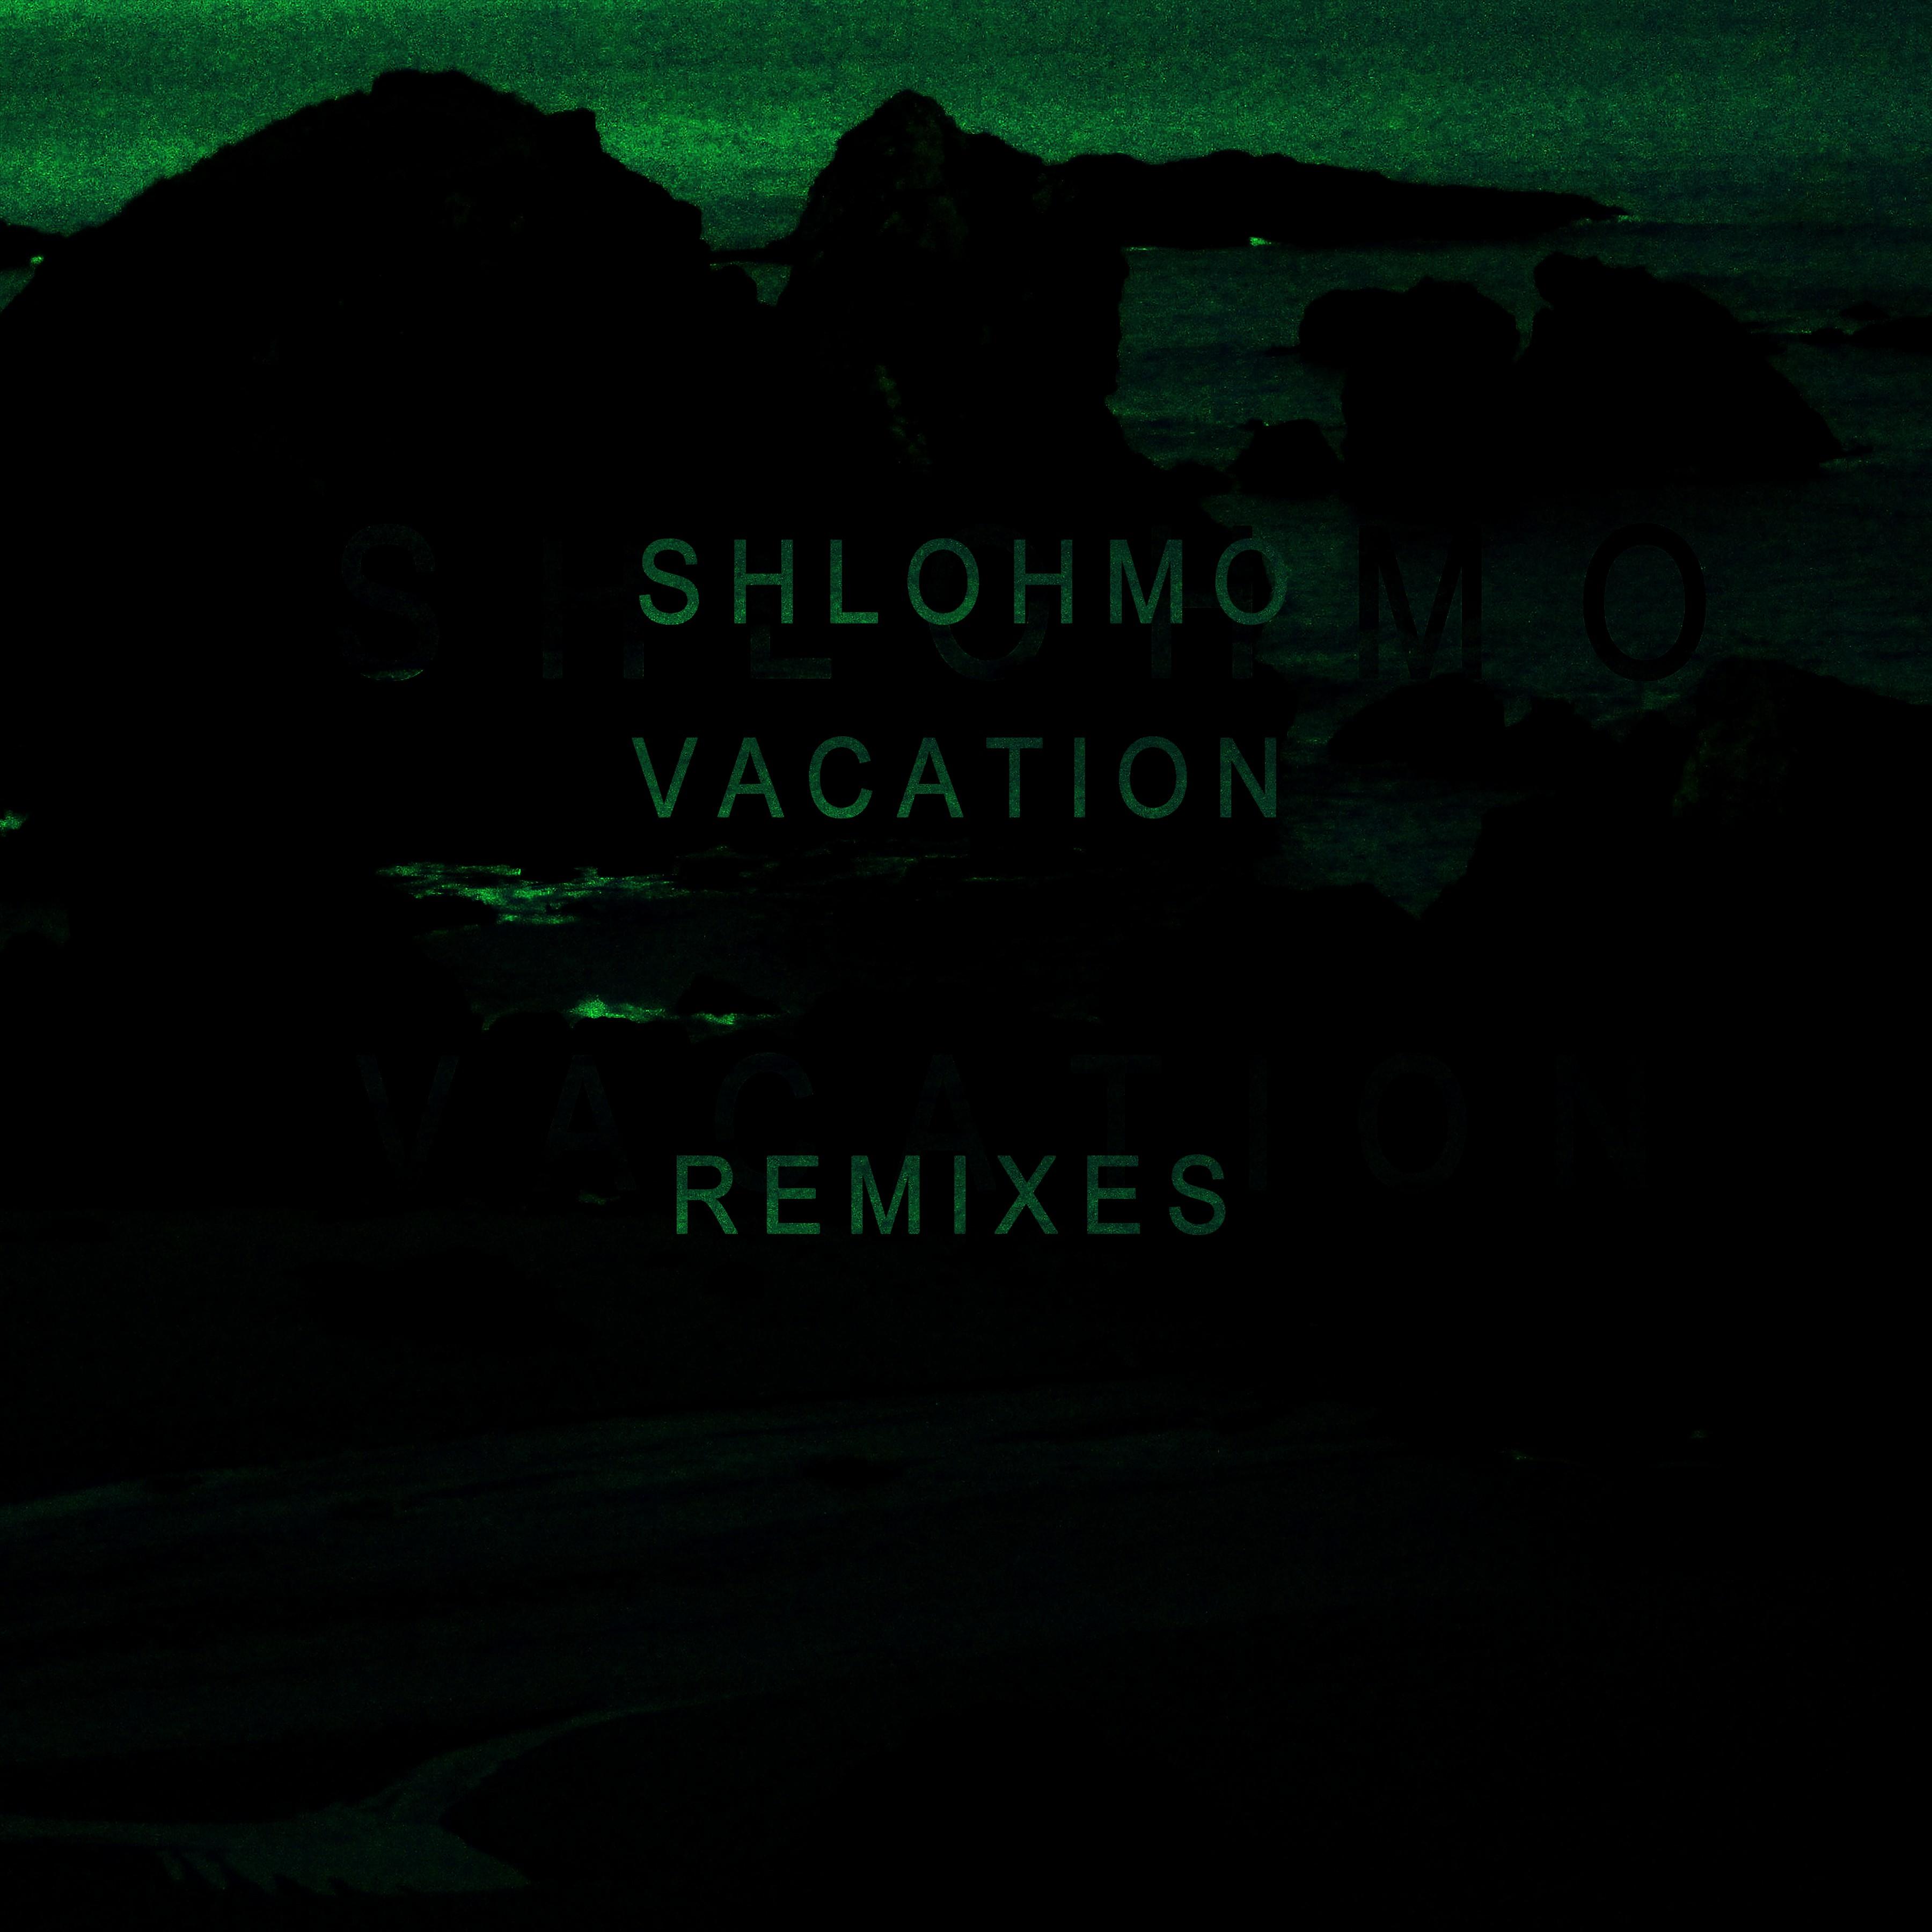 Vacation Remixes